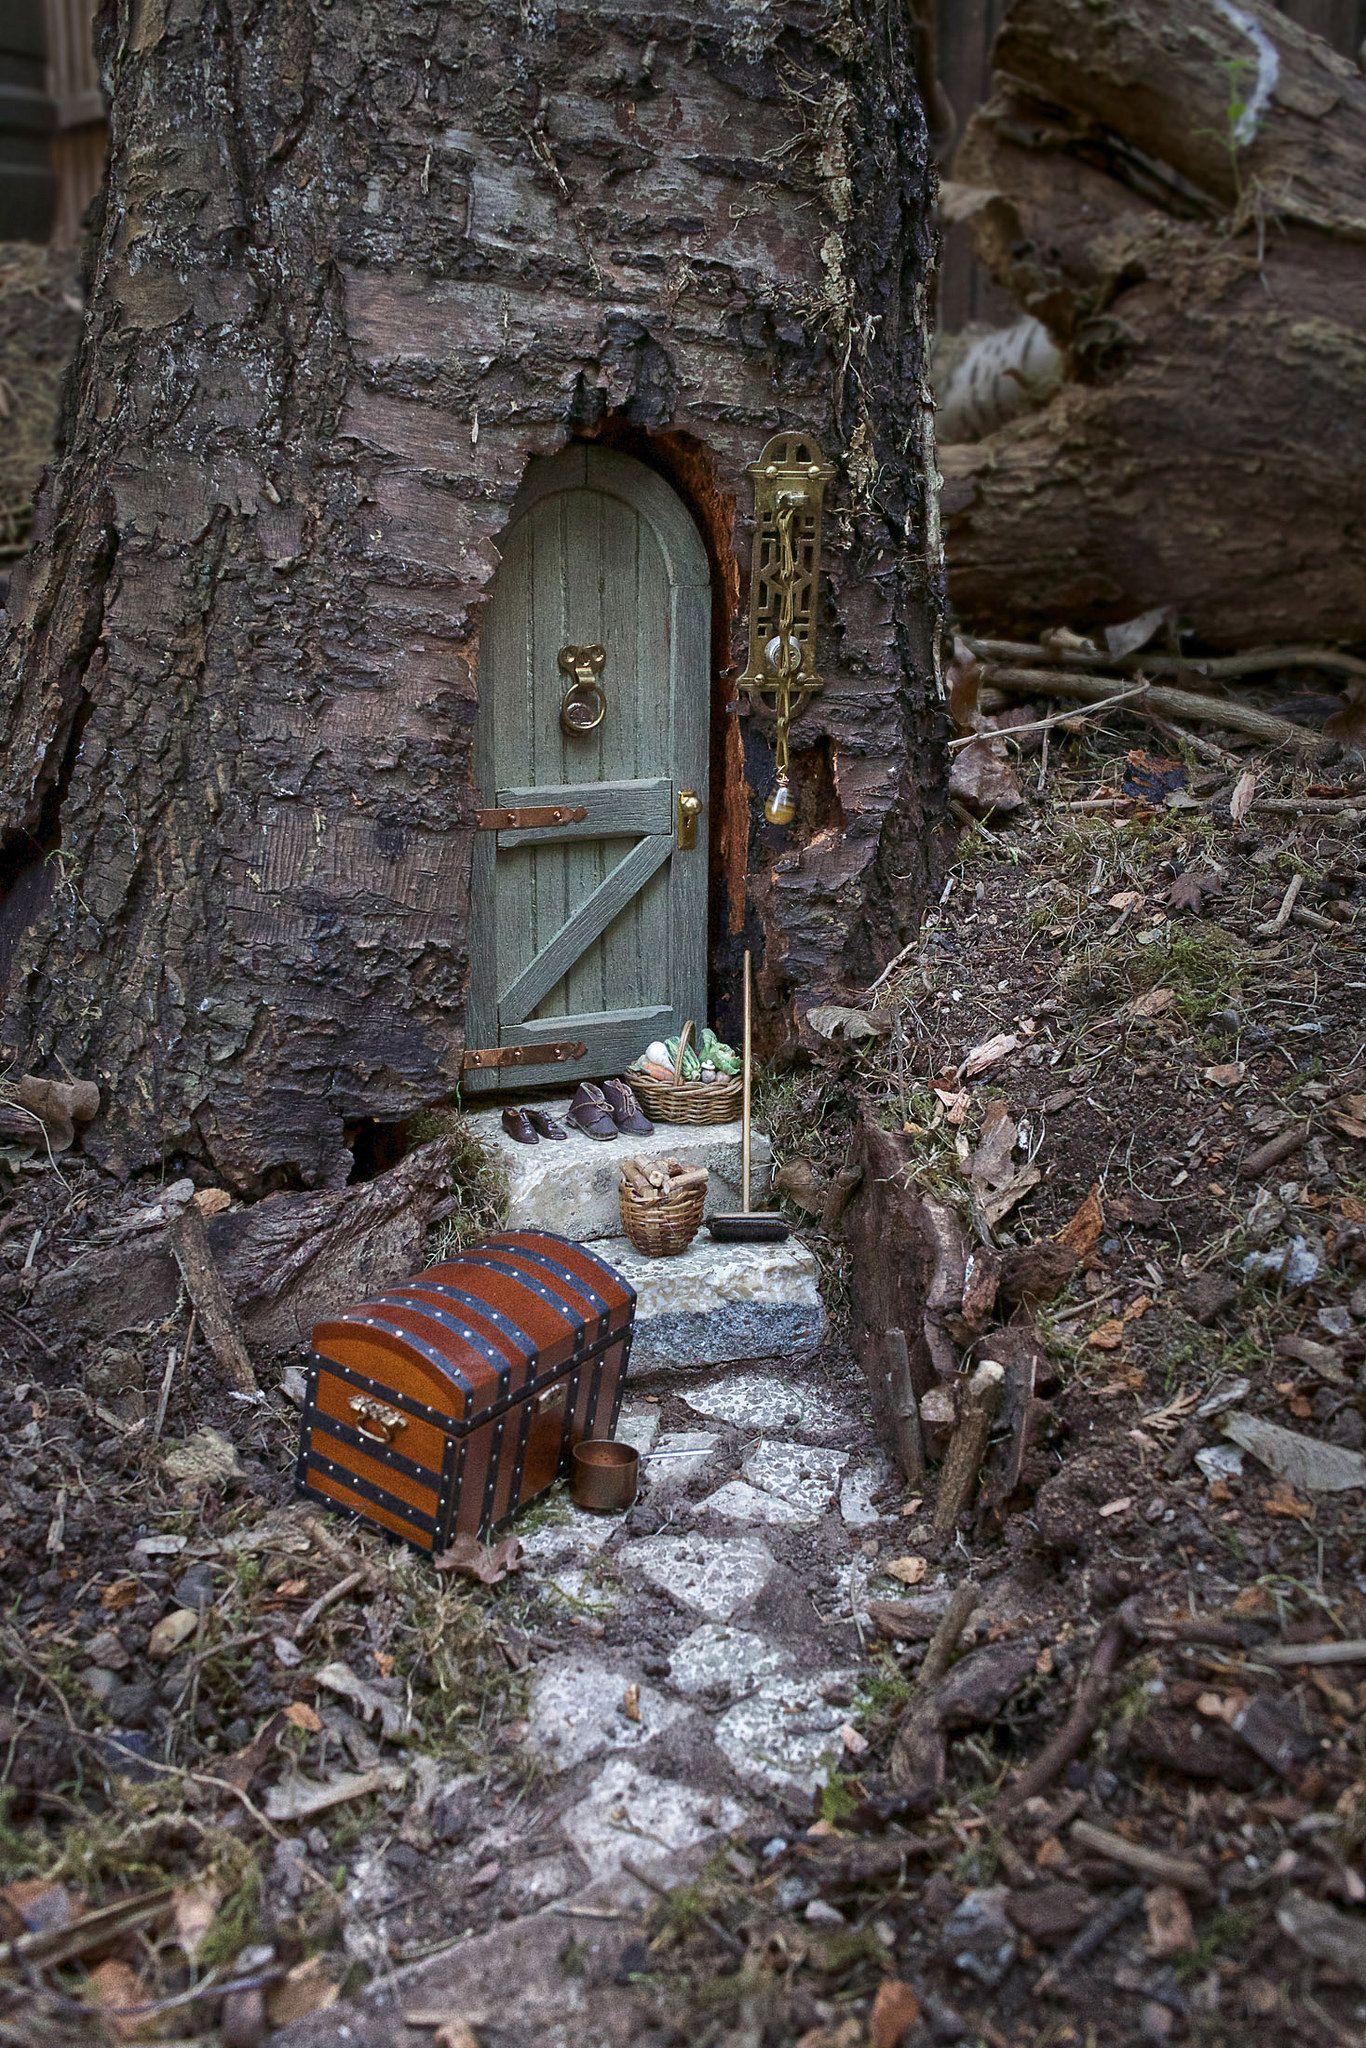 Fairy door in tree trunk